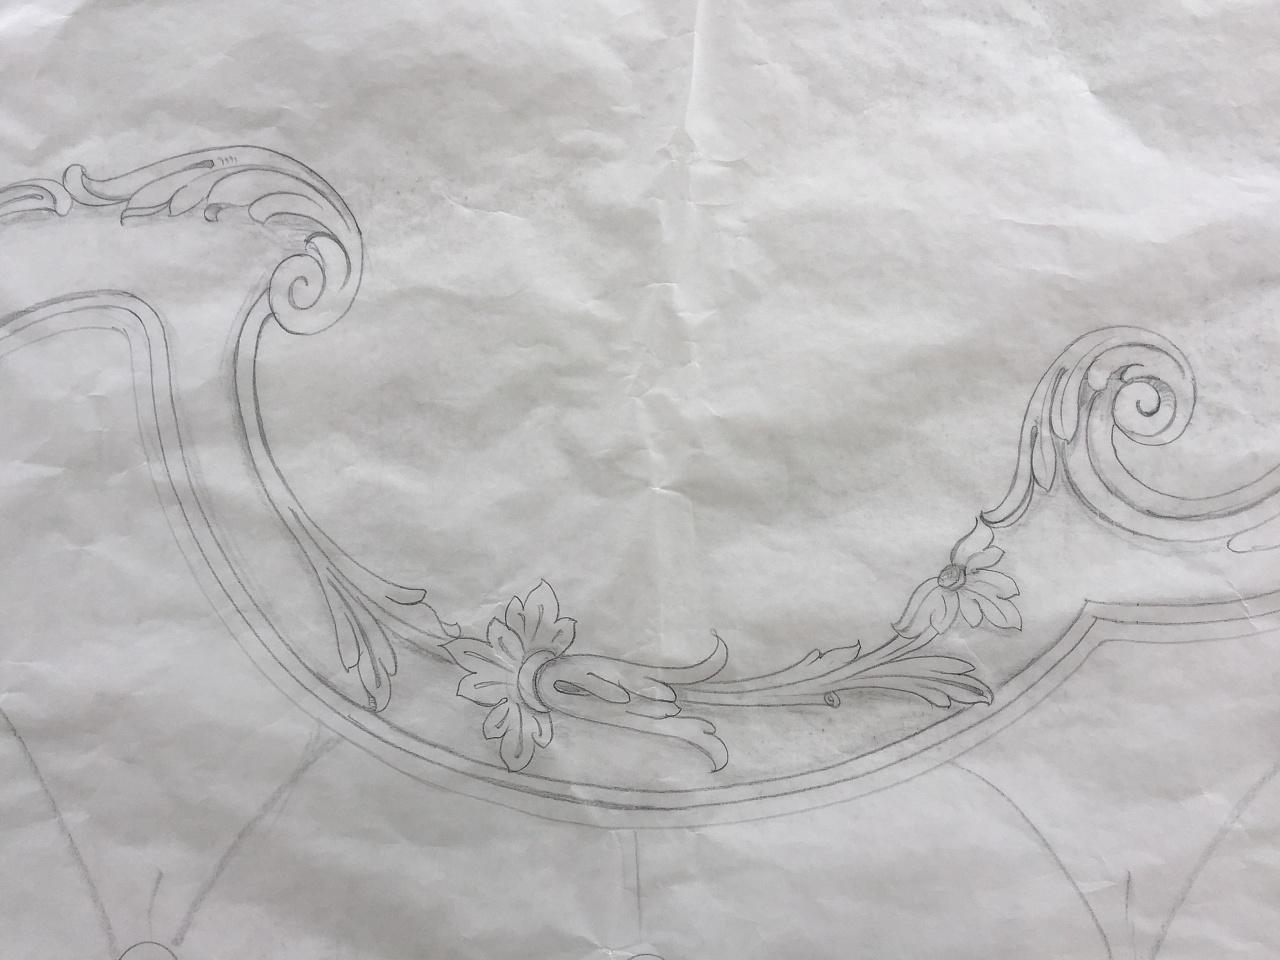 原创手绘沙发设计|工业/产品|家具|lhy556293 - 原创